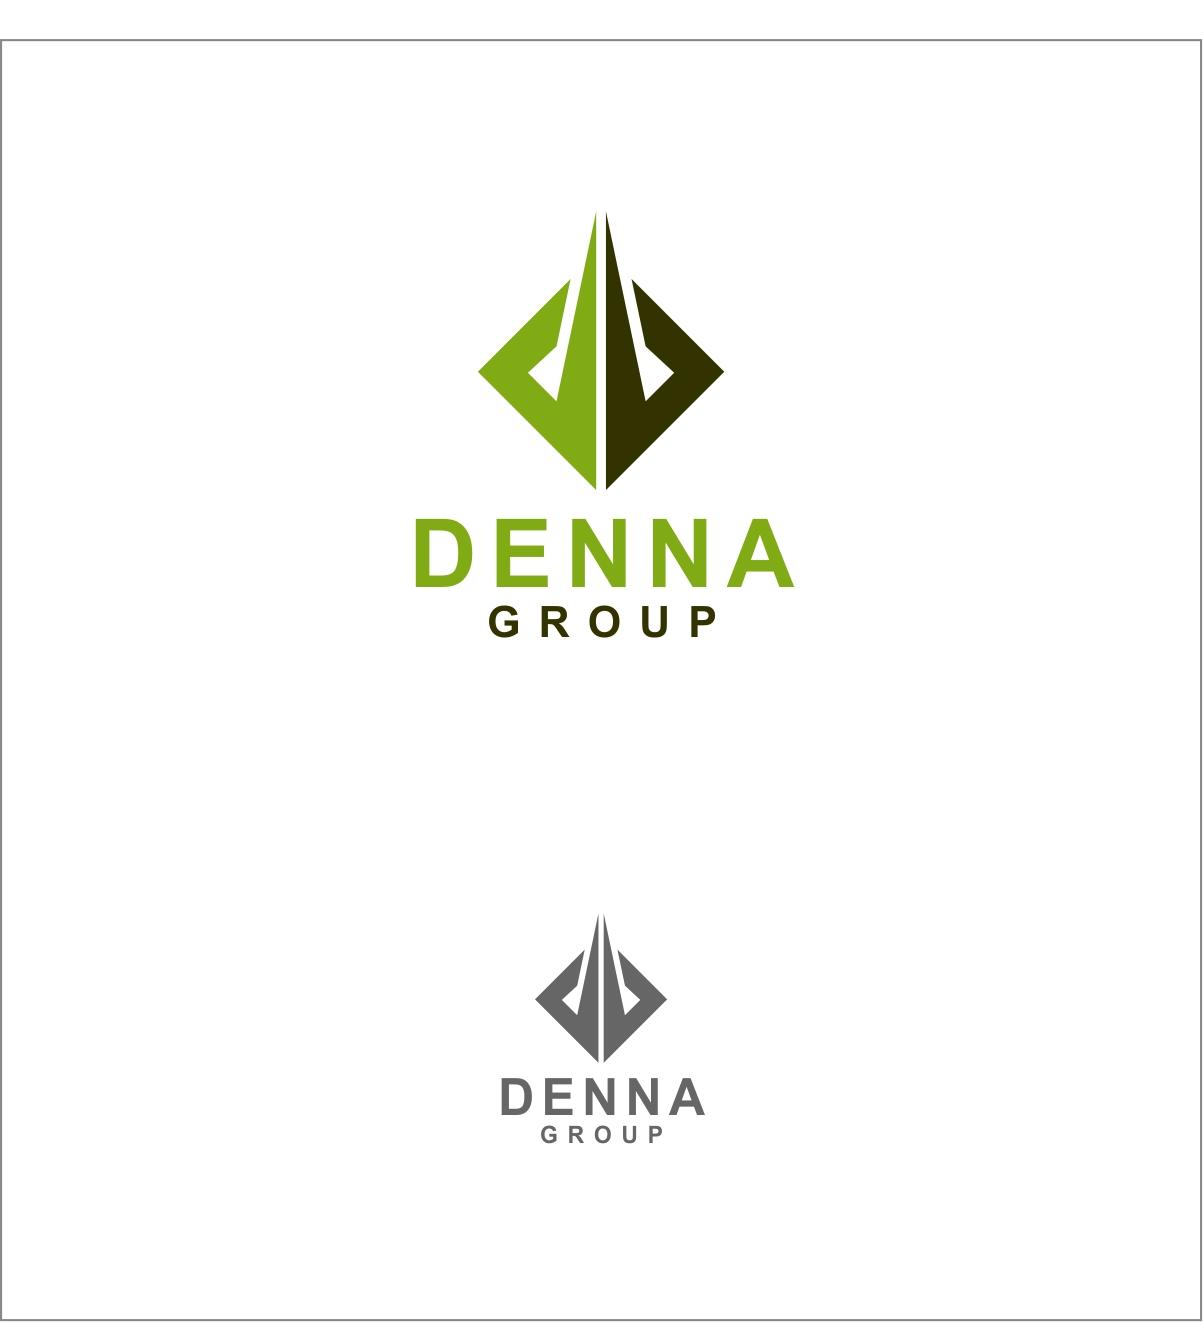 Logo Design by haidu - Entry No. 67 in the Logo Design Contest Denna Group Logo Design.